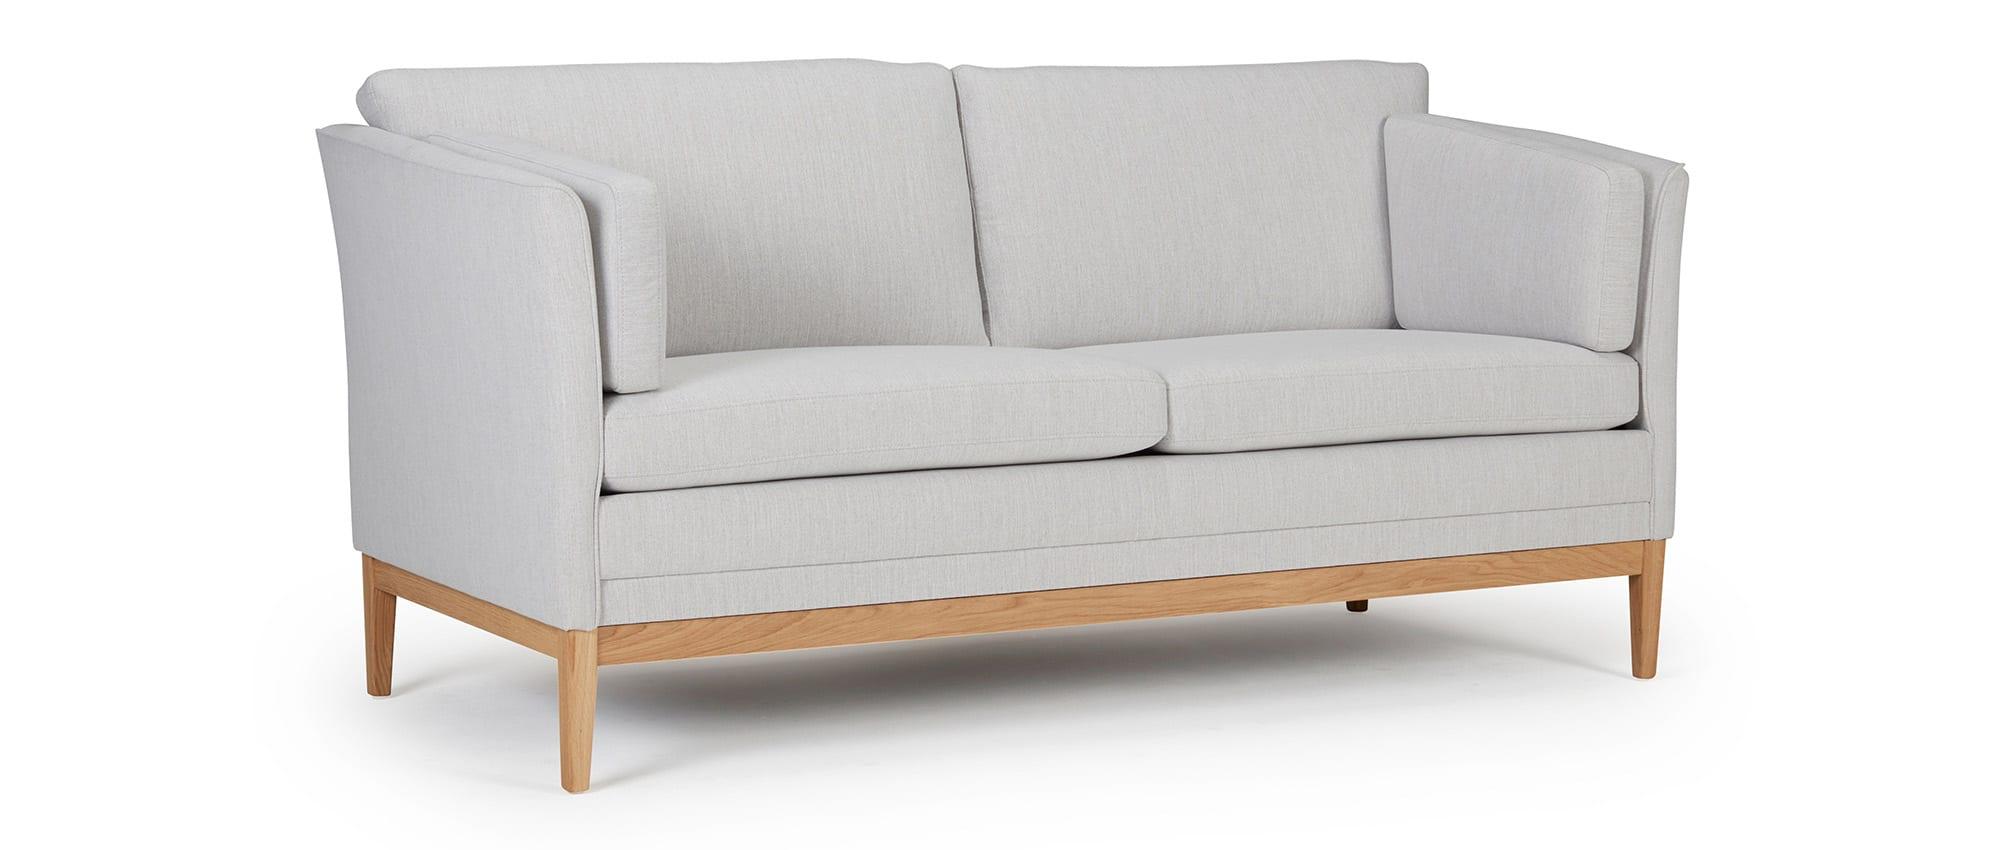 designer sofa helsinki als 2 5 sitzer mit polsterarmlehnen und seitenkissen. Black Bedroom Furniture Sets. Home Design Ideas